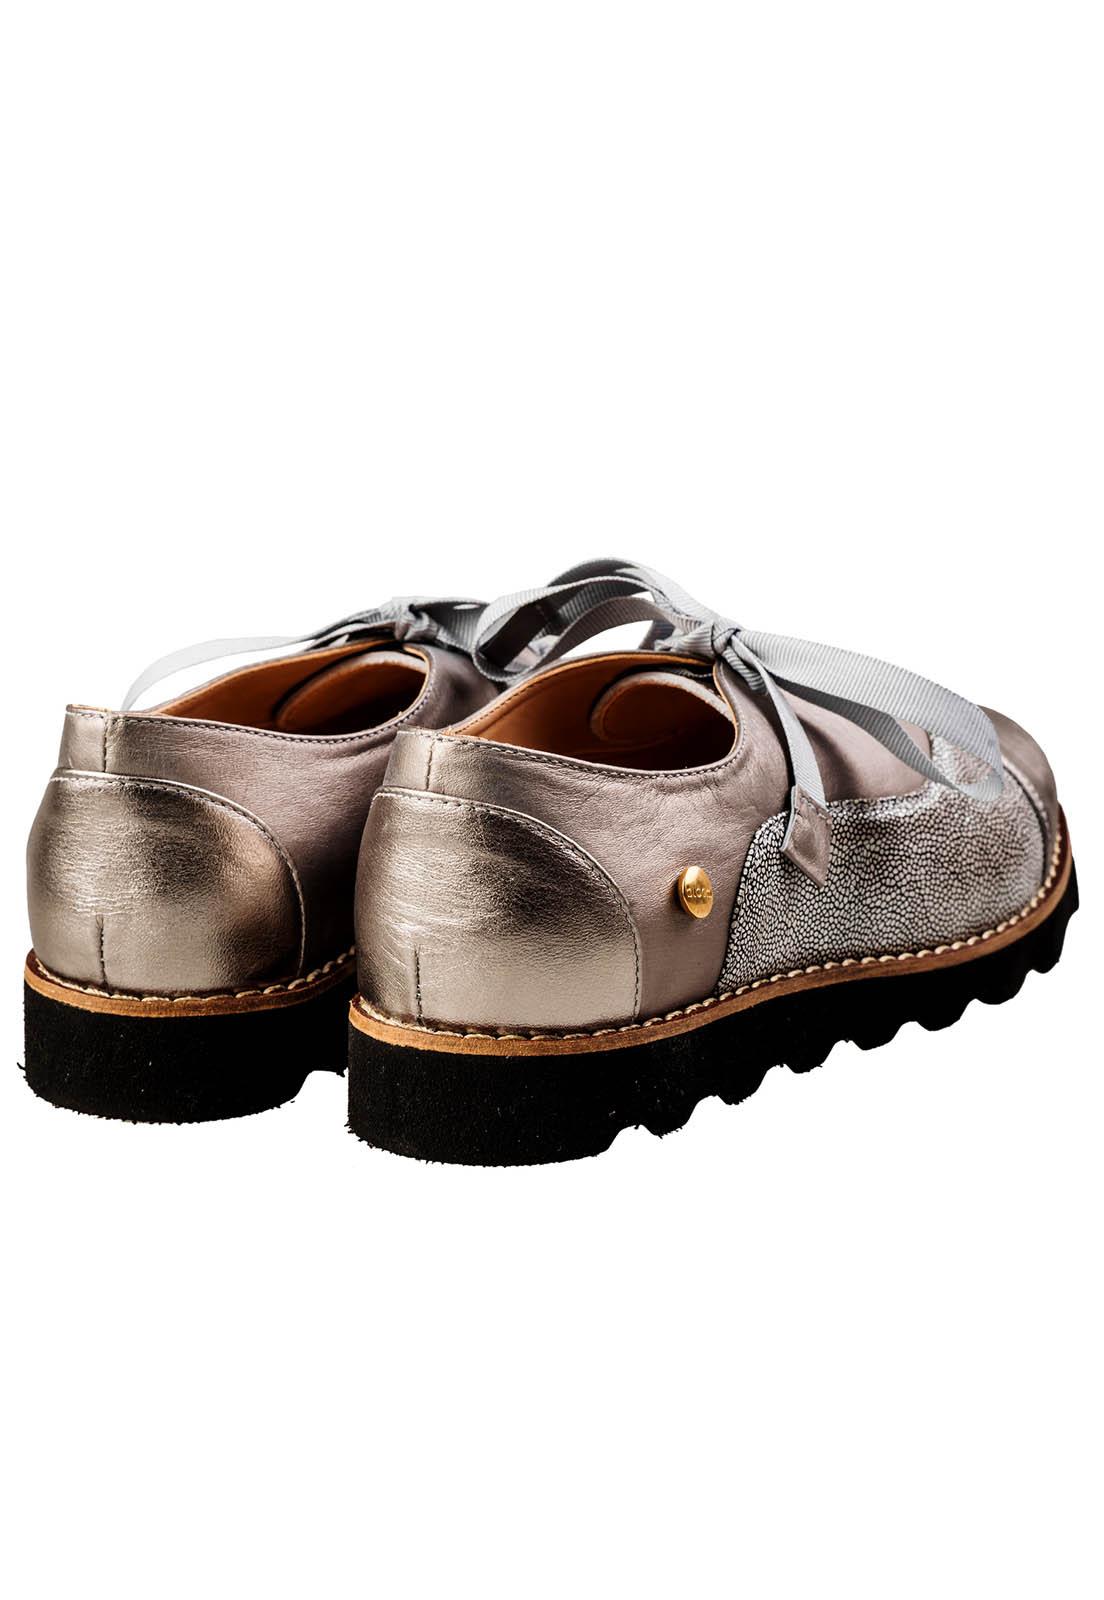 3c00d45b1a5 Ripley - Zapato Oxford Bora Plateado Bloom